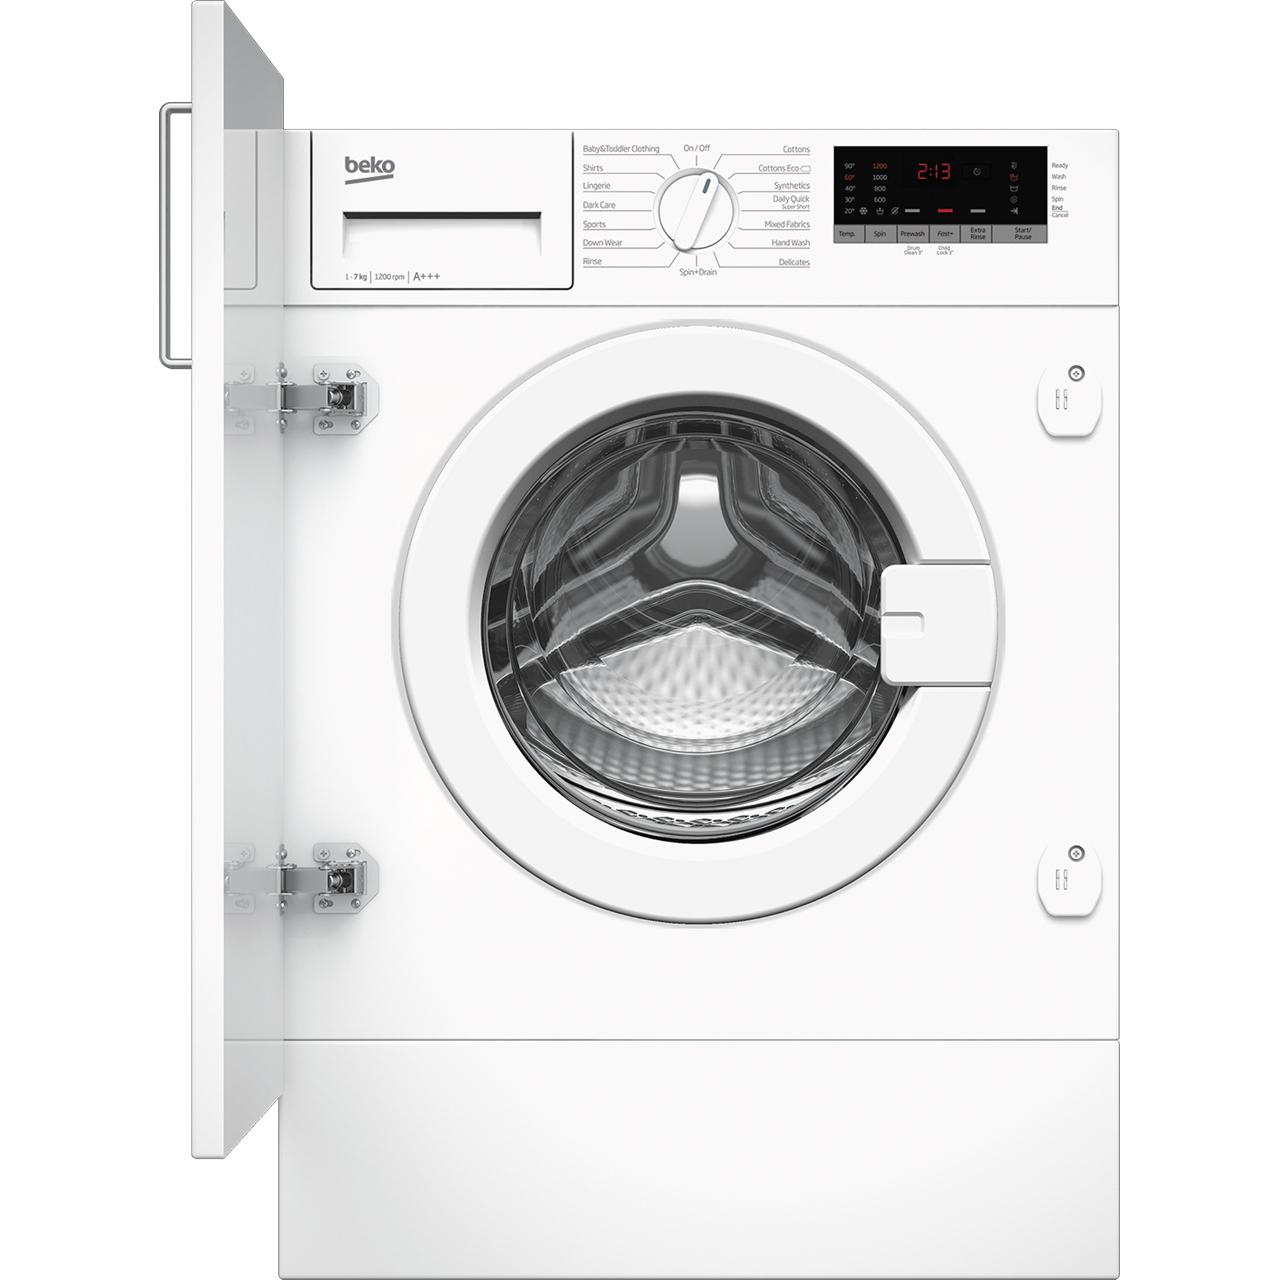 Beko Washing Machine Wiring Diagram